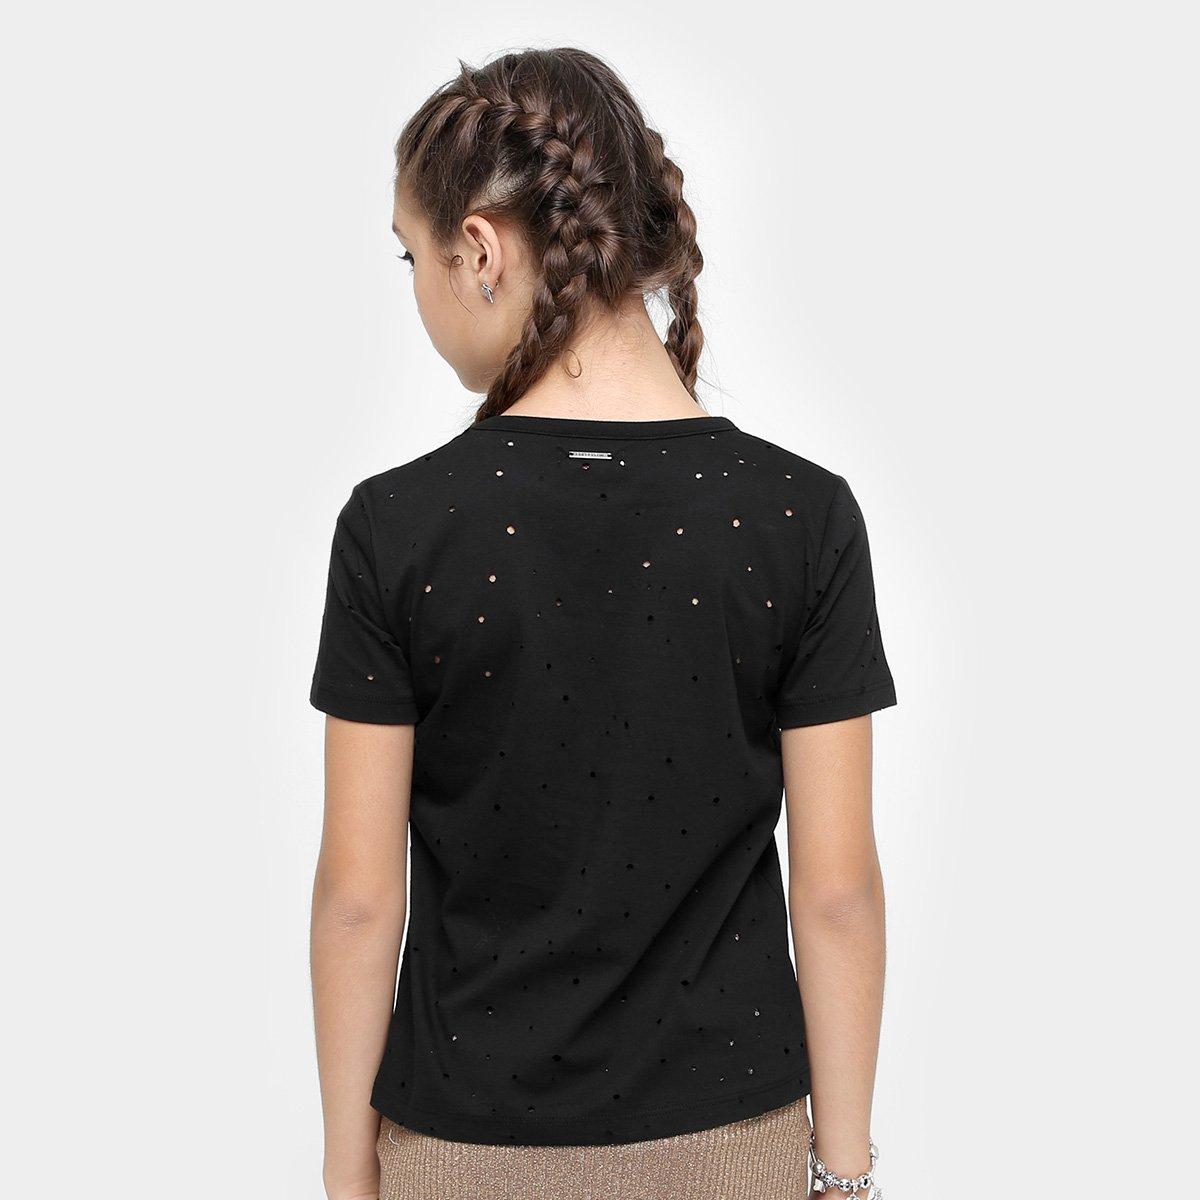 Fun Camiseta Feminina Preto Infantil Estampada Preto Estampada Colcci Infantil Fun Colcci Infantil Camiseta Camiseta Feminina 8ZPSqO